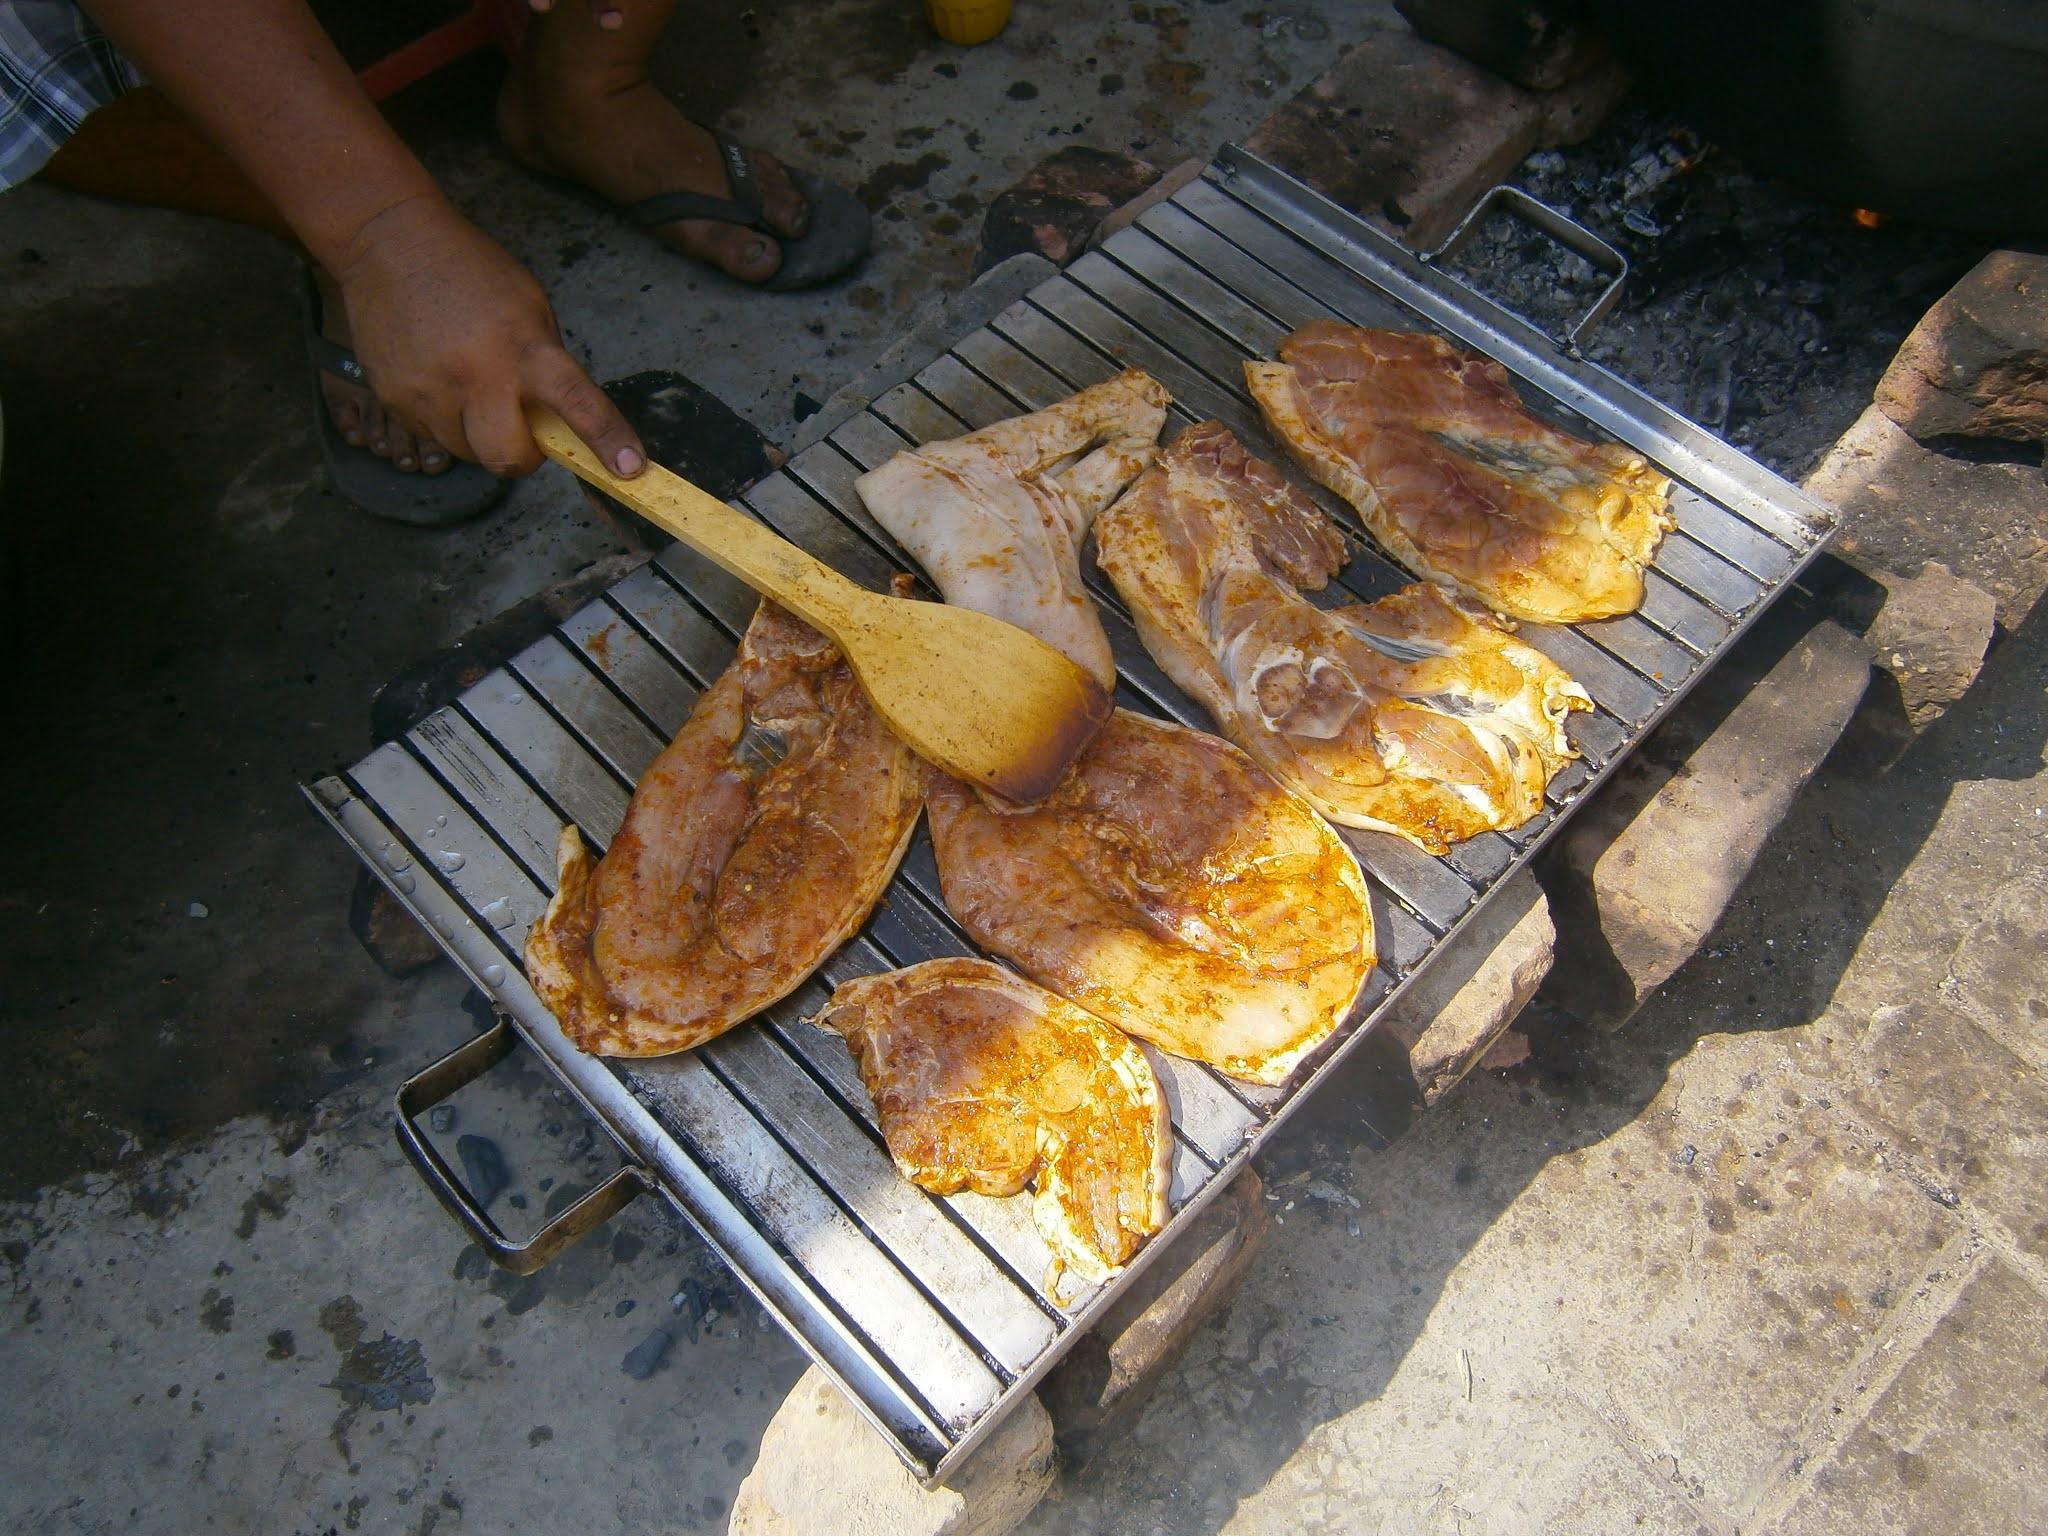 Parrilla de chancho hecha sobre una parrilla cocinado con carbón en Perú